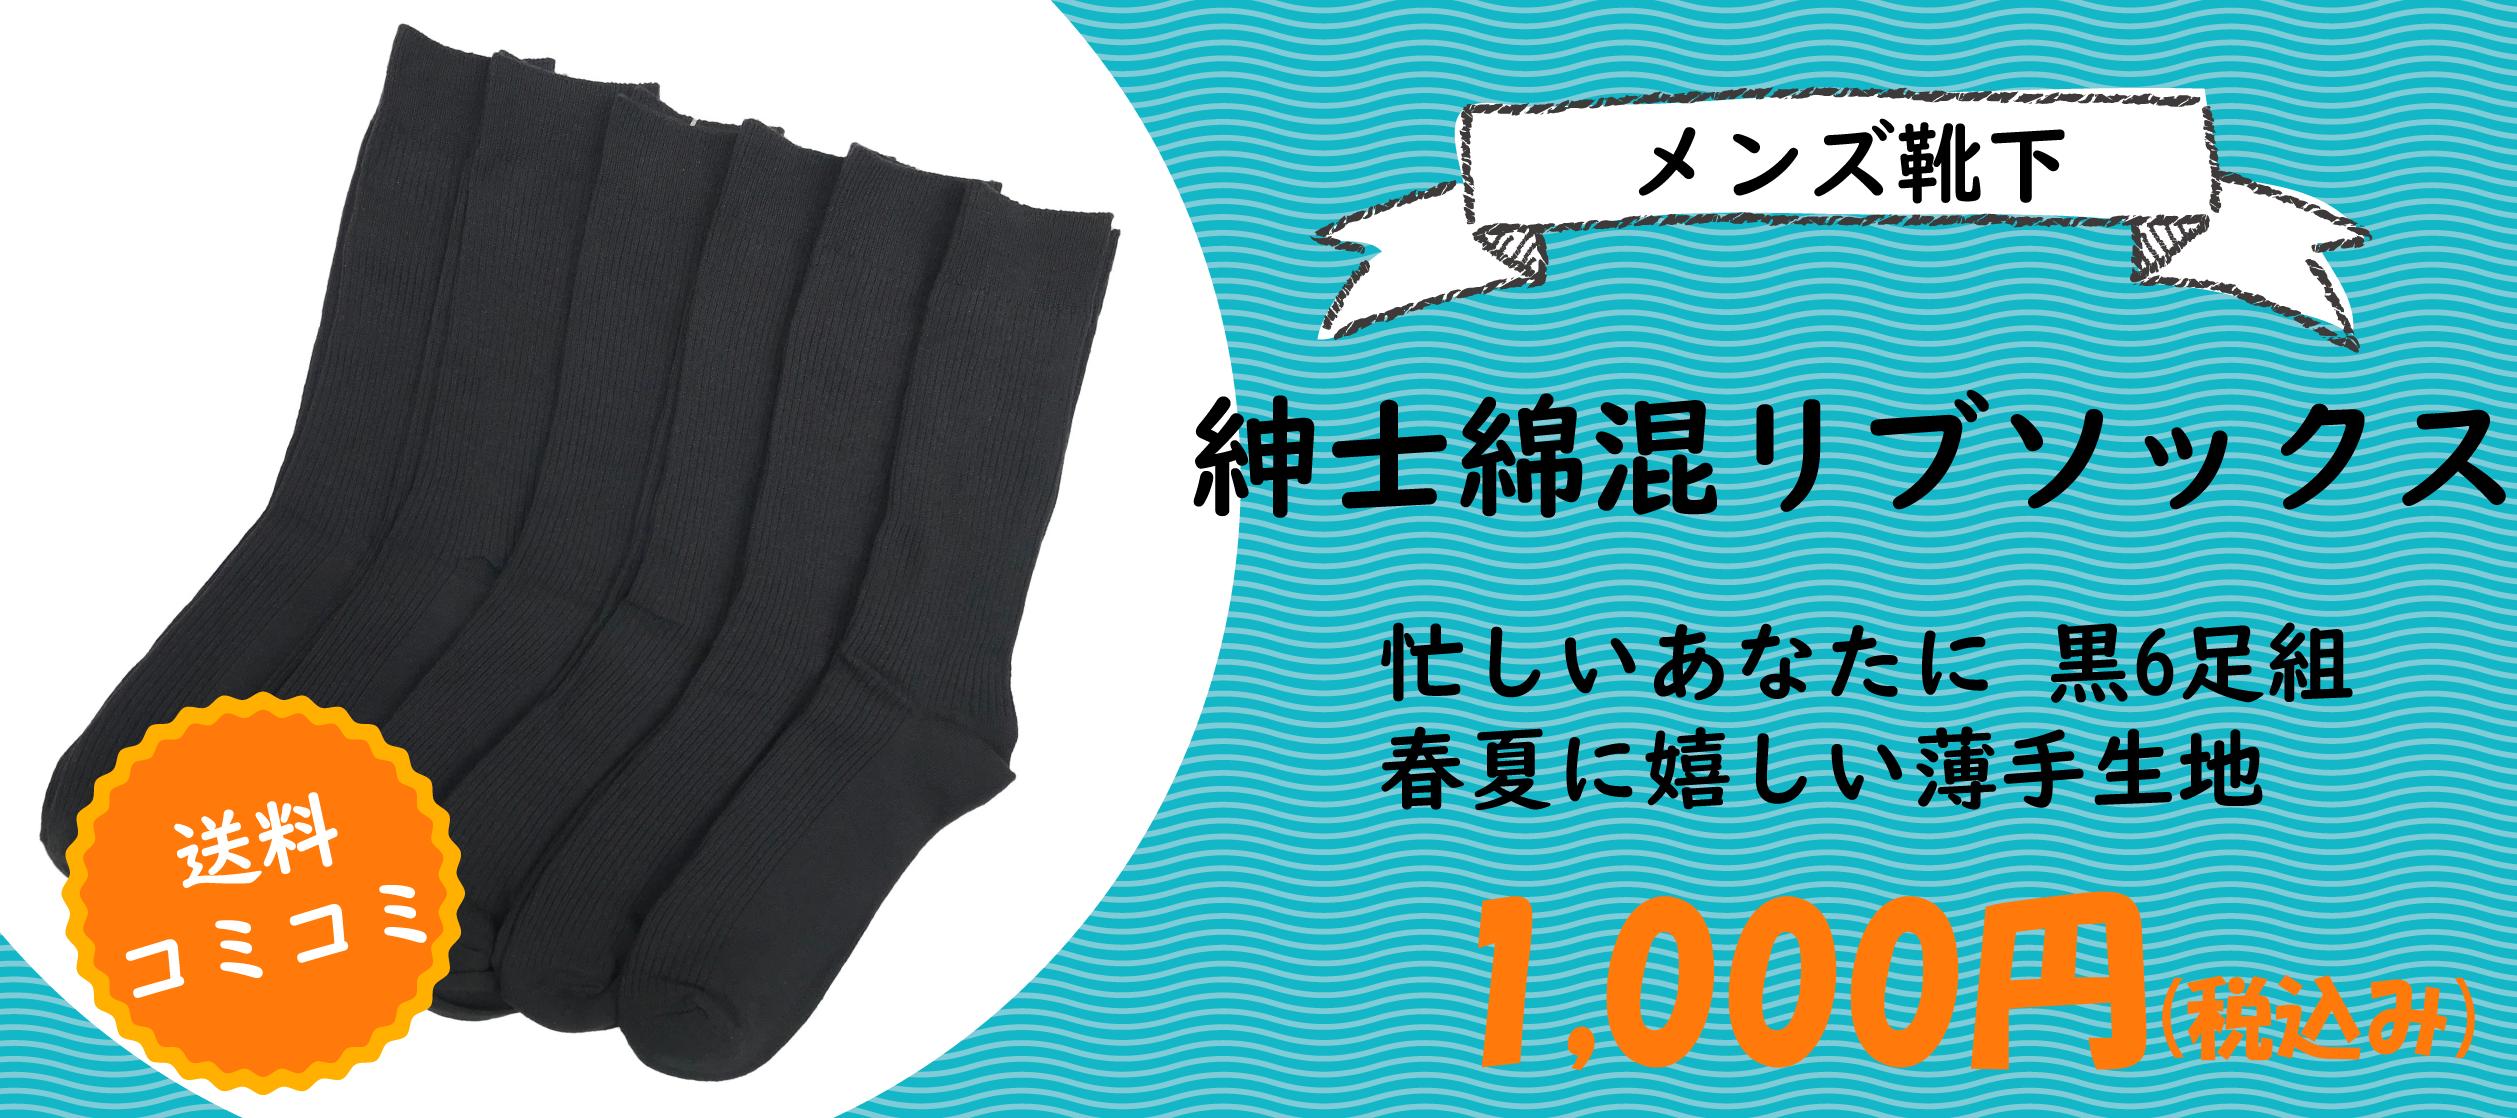 送料コミコミで1000円ポッキリ!